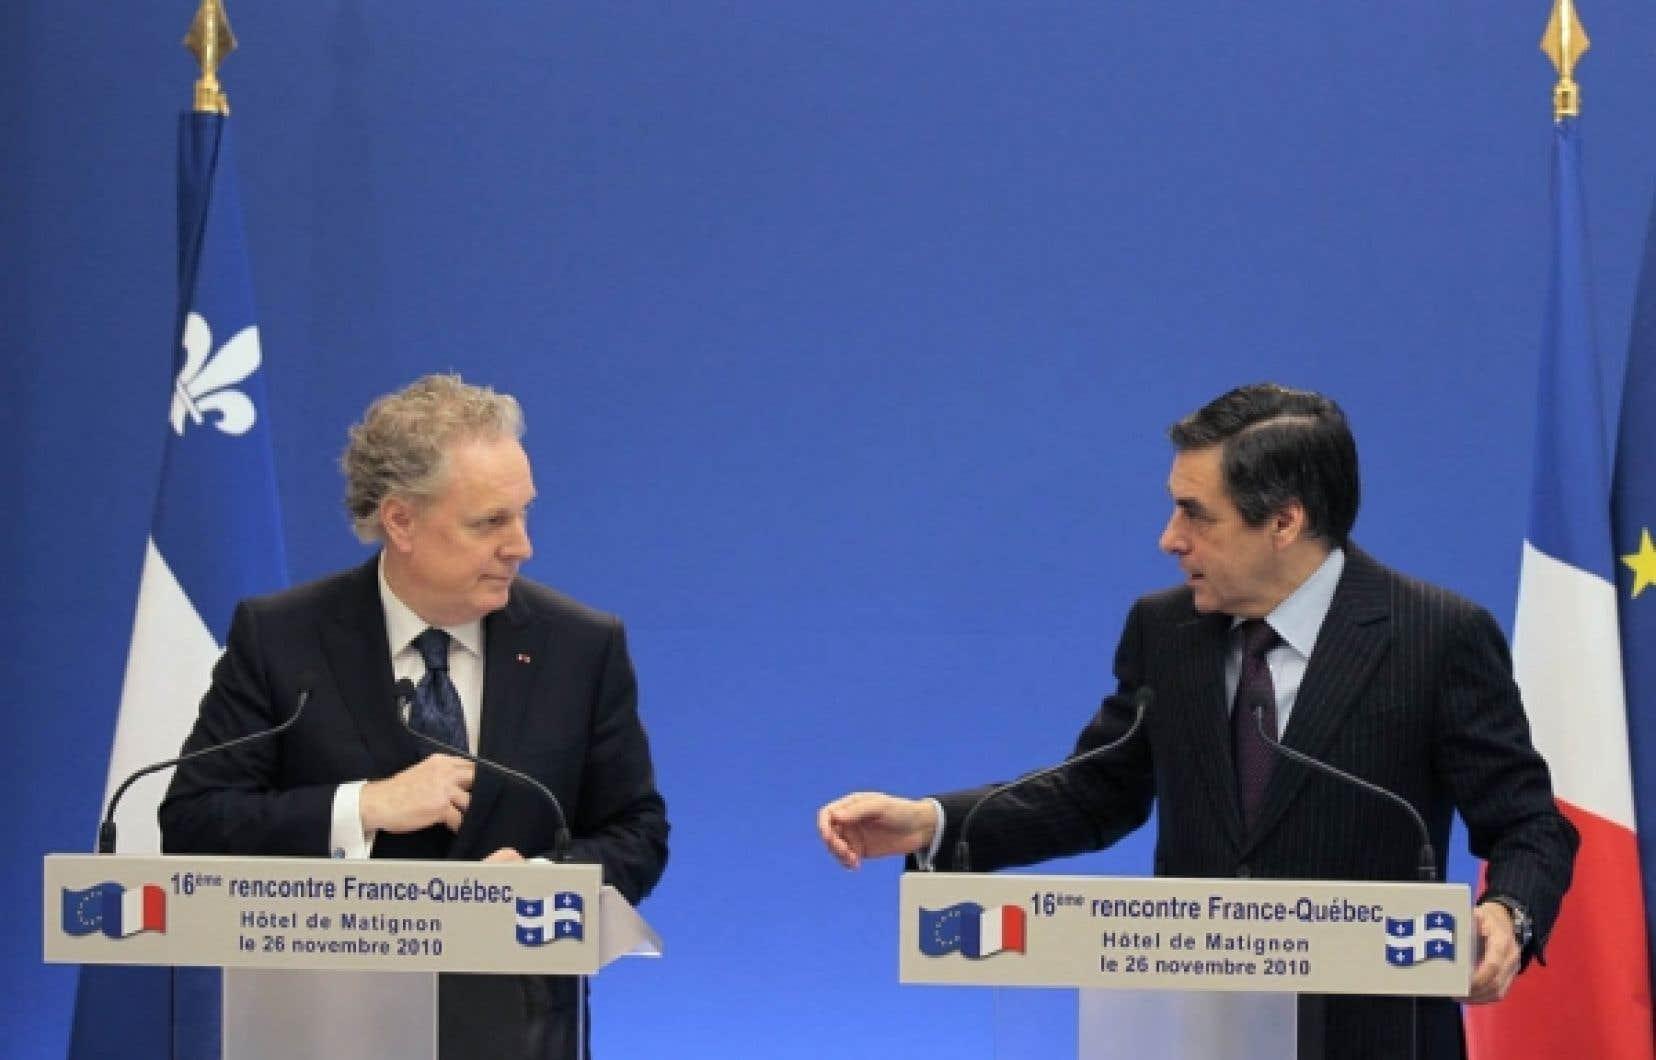 Les premiers ministres Jean Charest et François Fillon ont présidé hier à la signature de plusieurs ententes.